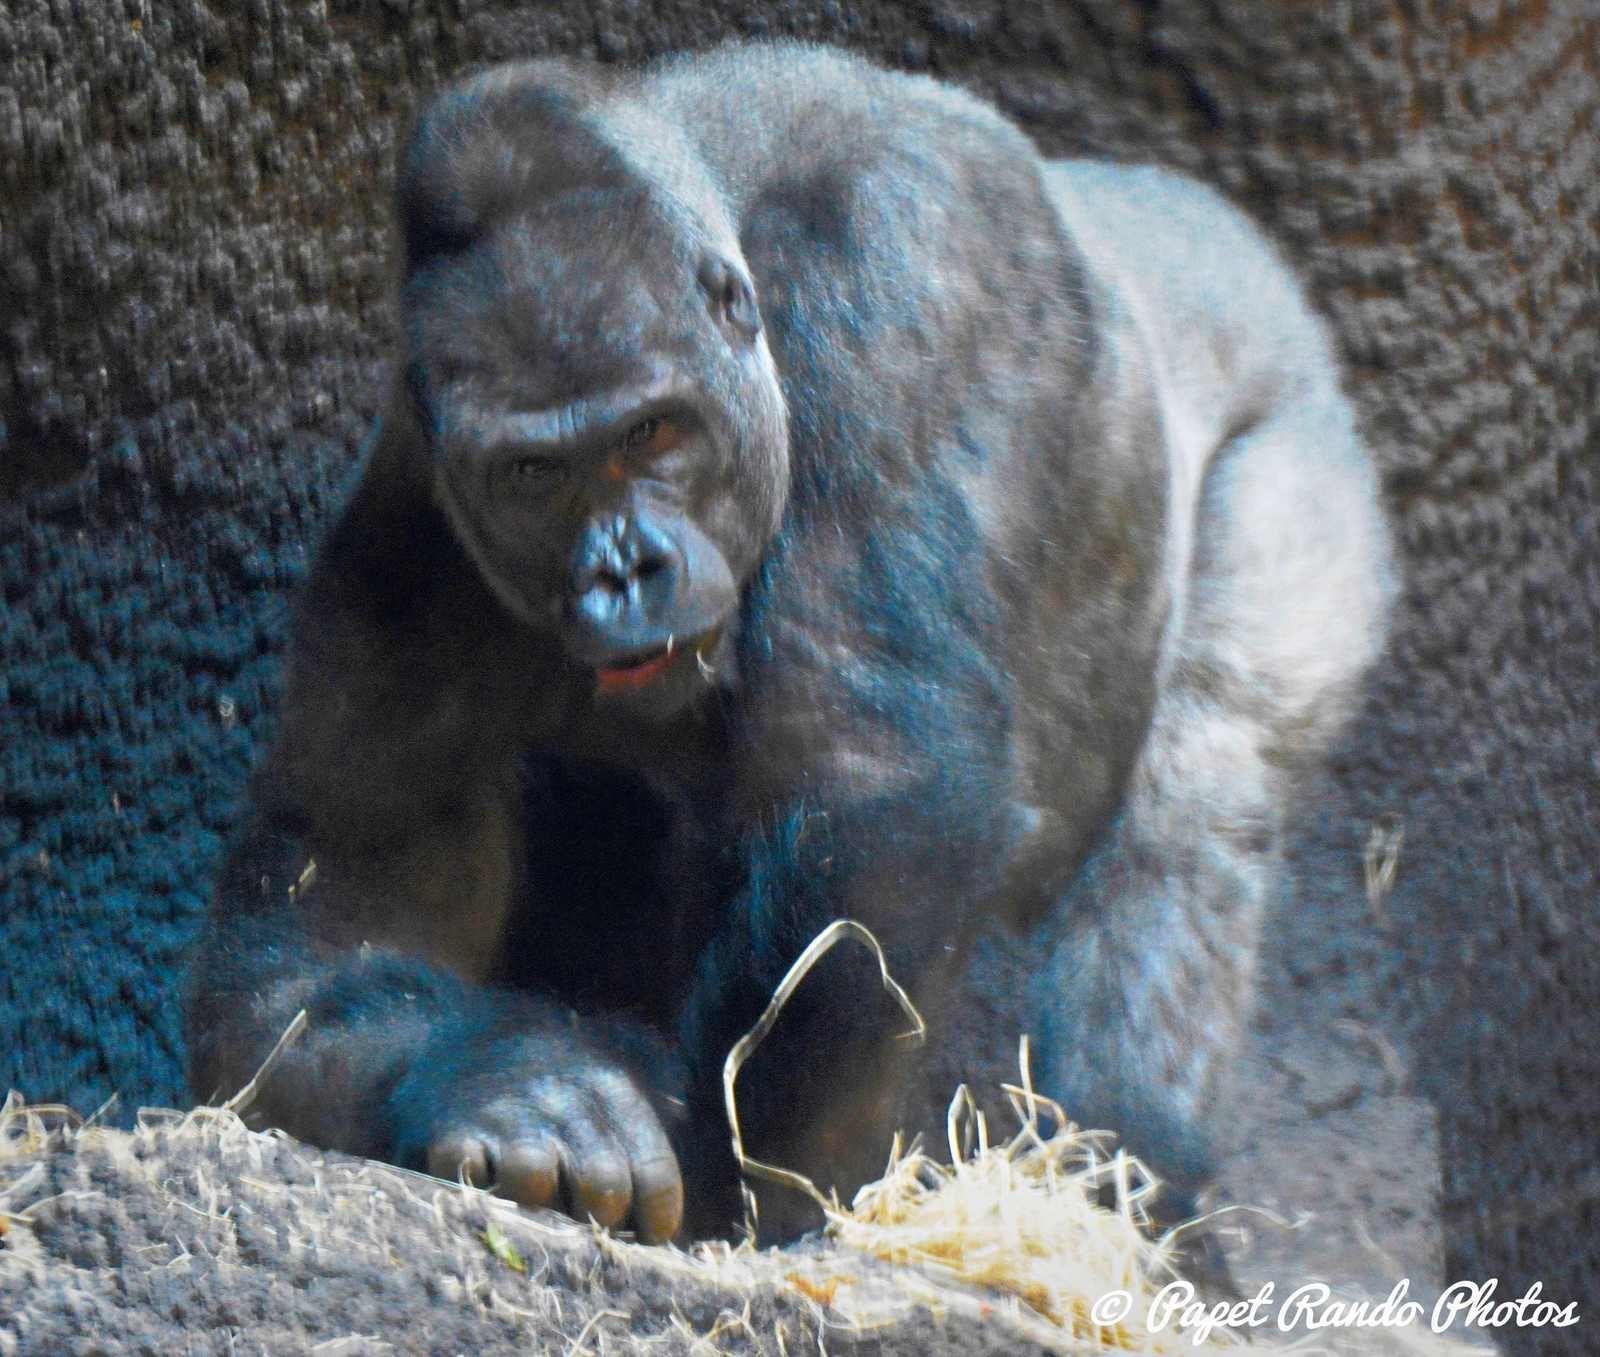 Apres les mignons, oiseaux, elephants, voici les autres plus agressis parait ??!! ( mis a jour a chaque visite)